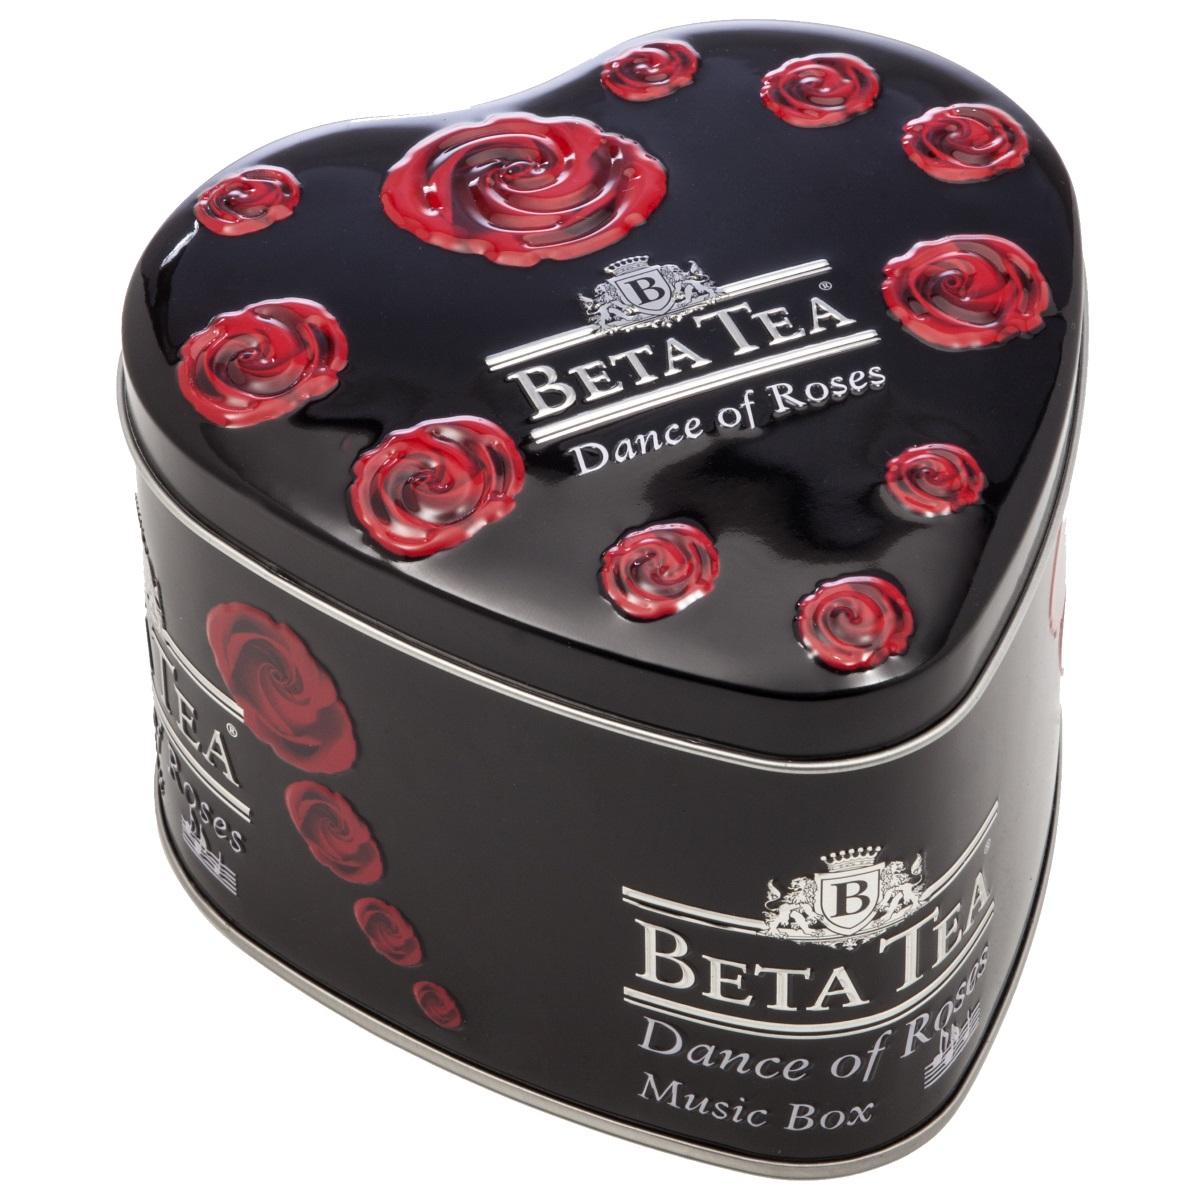 Beta Tea Танец роз черный чай, 100 г (музыкальная шкатулка) beta tea де люкс крупнолистовой чай 225 г подарочная упаковка